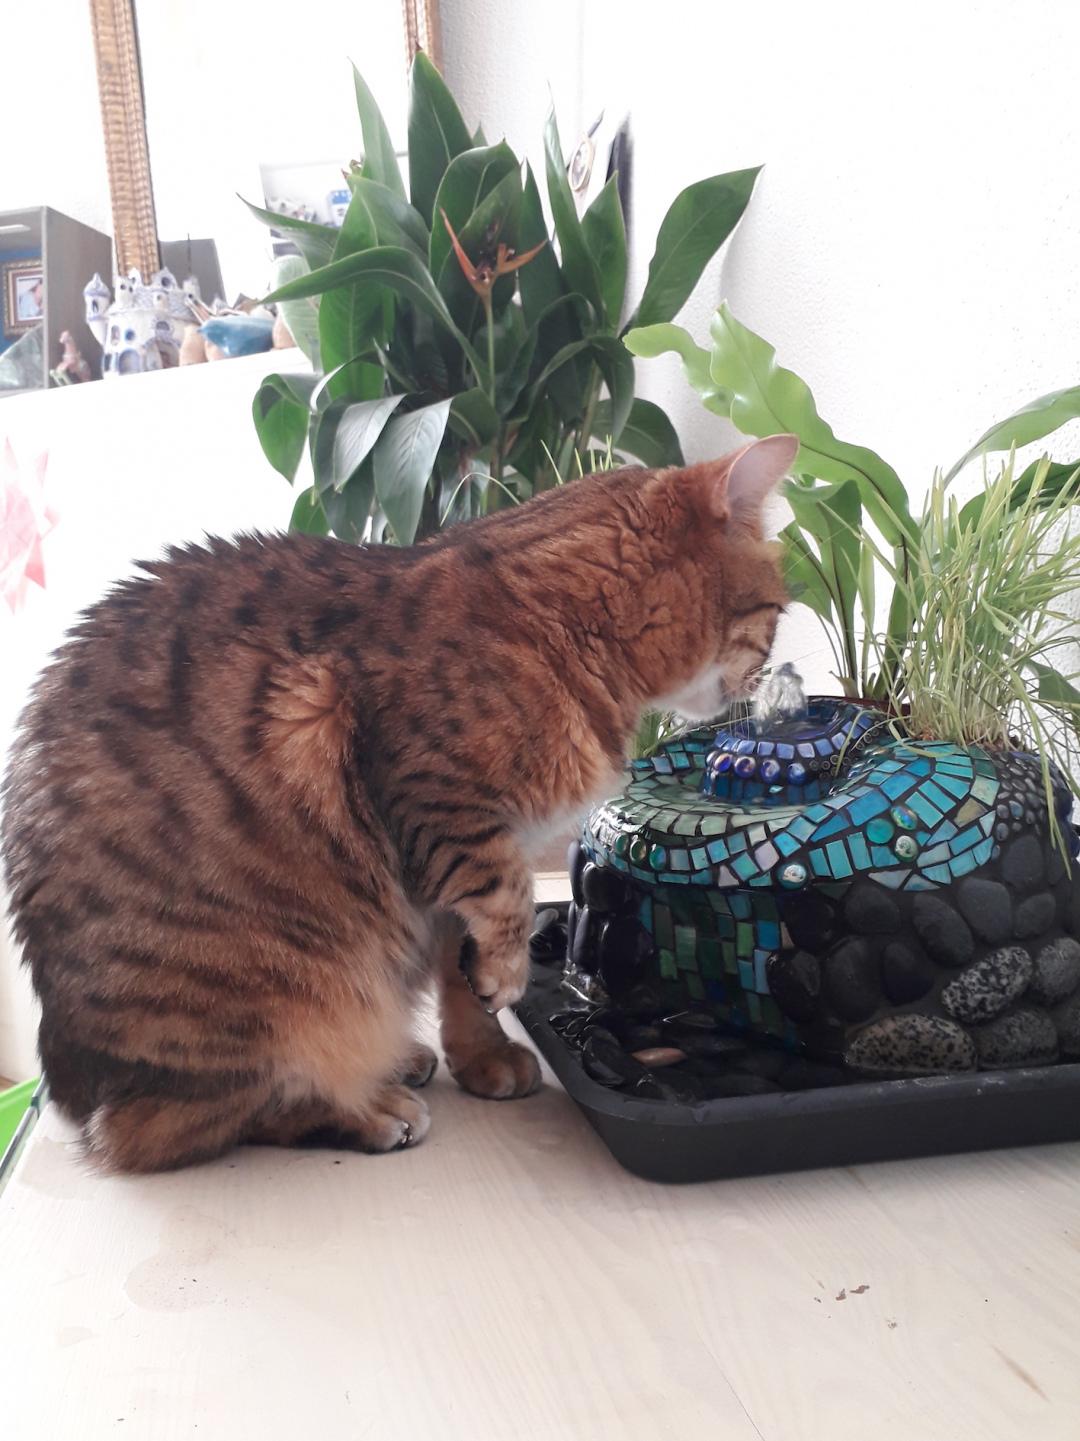 katten drinkfontein mozaiek